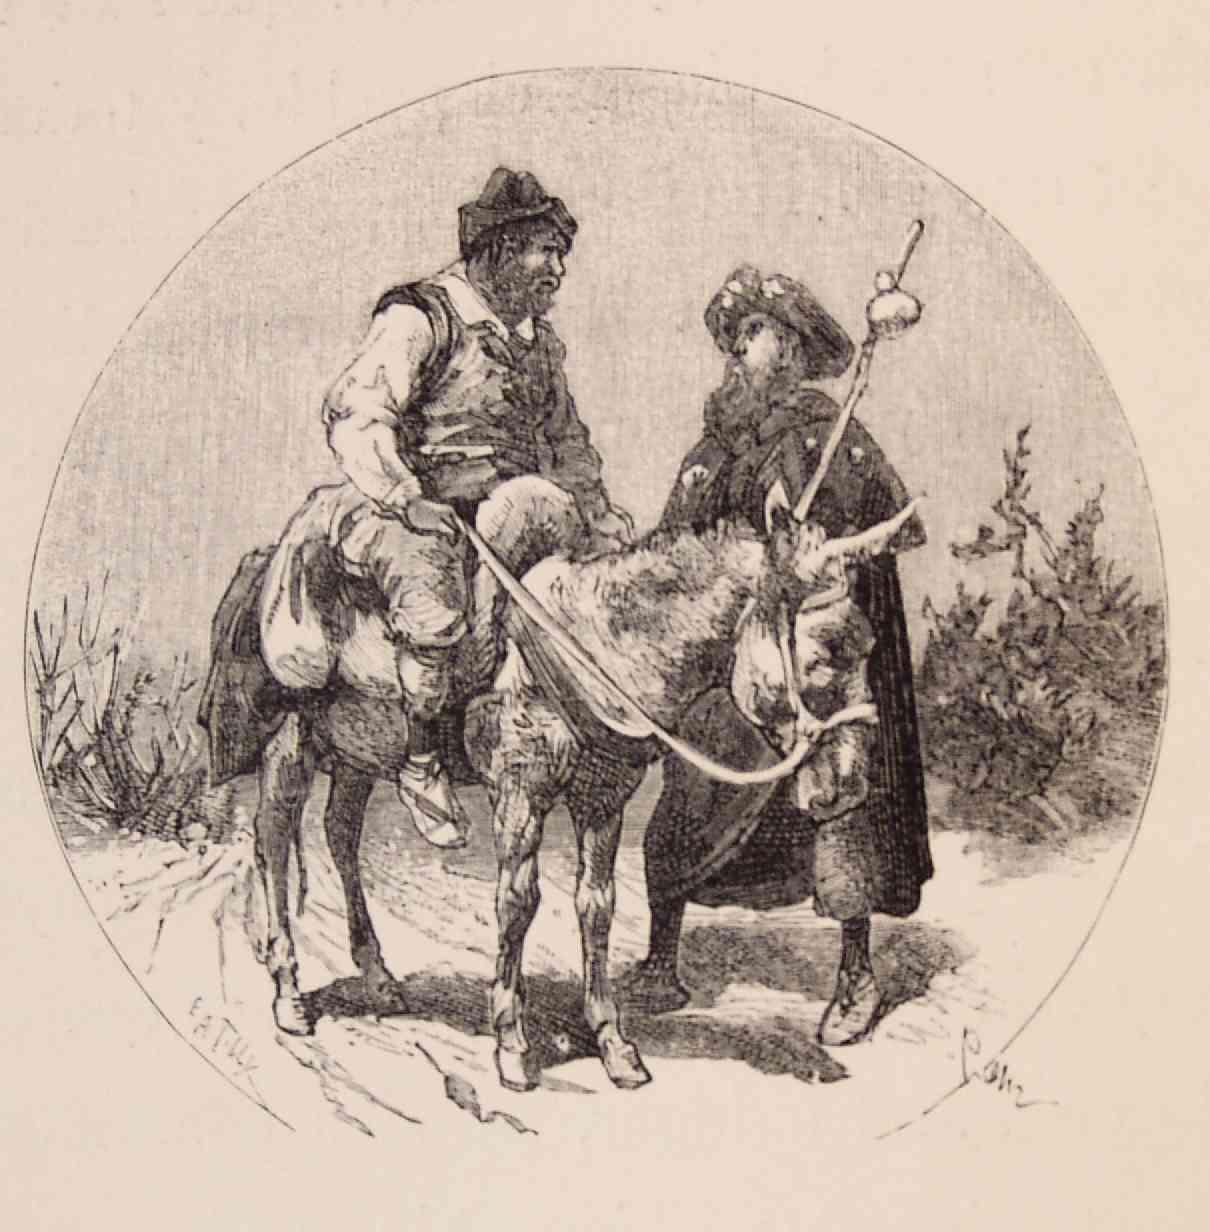 Sancho y Ricote